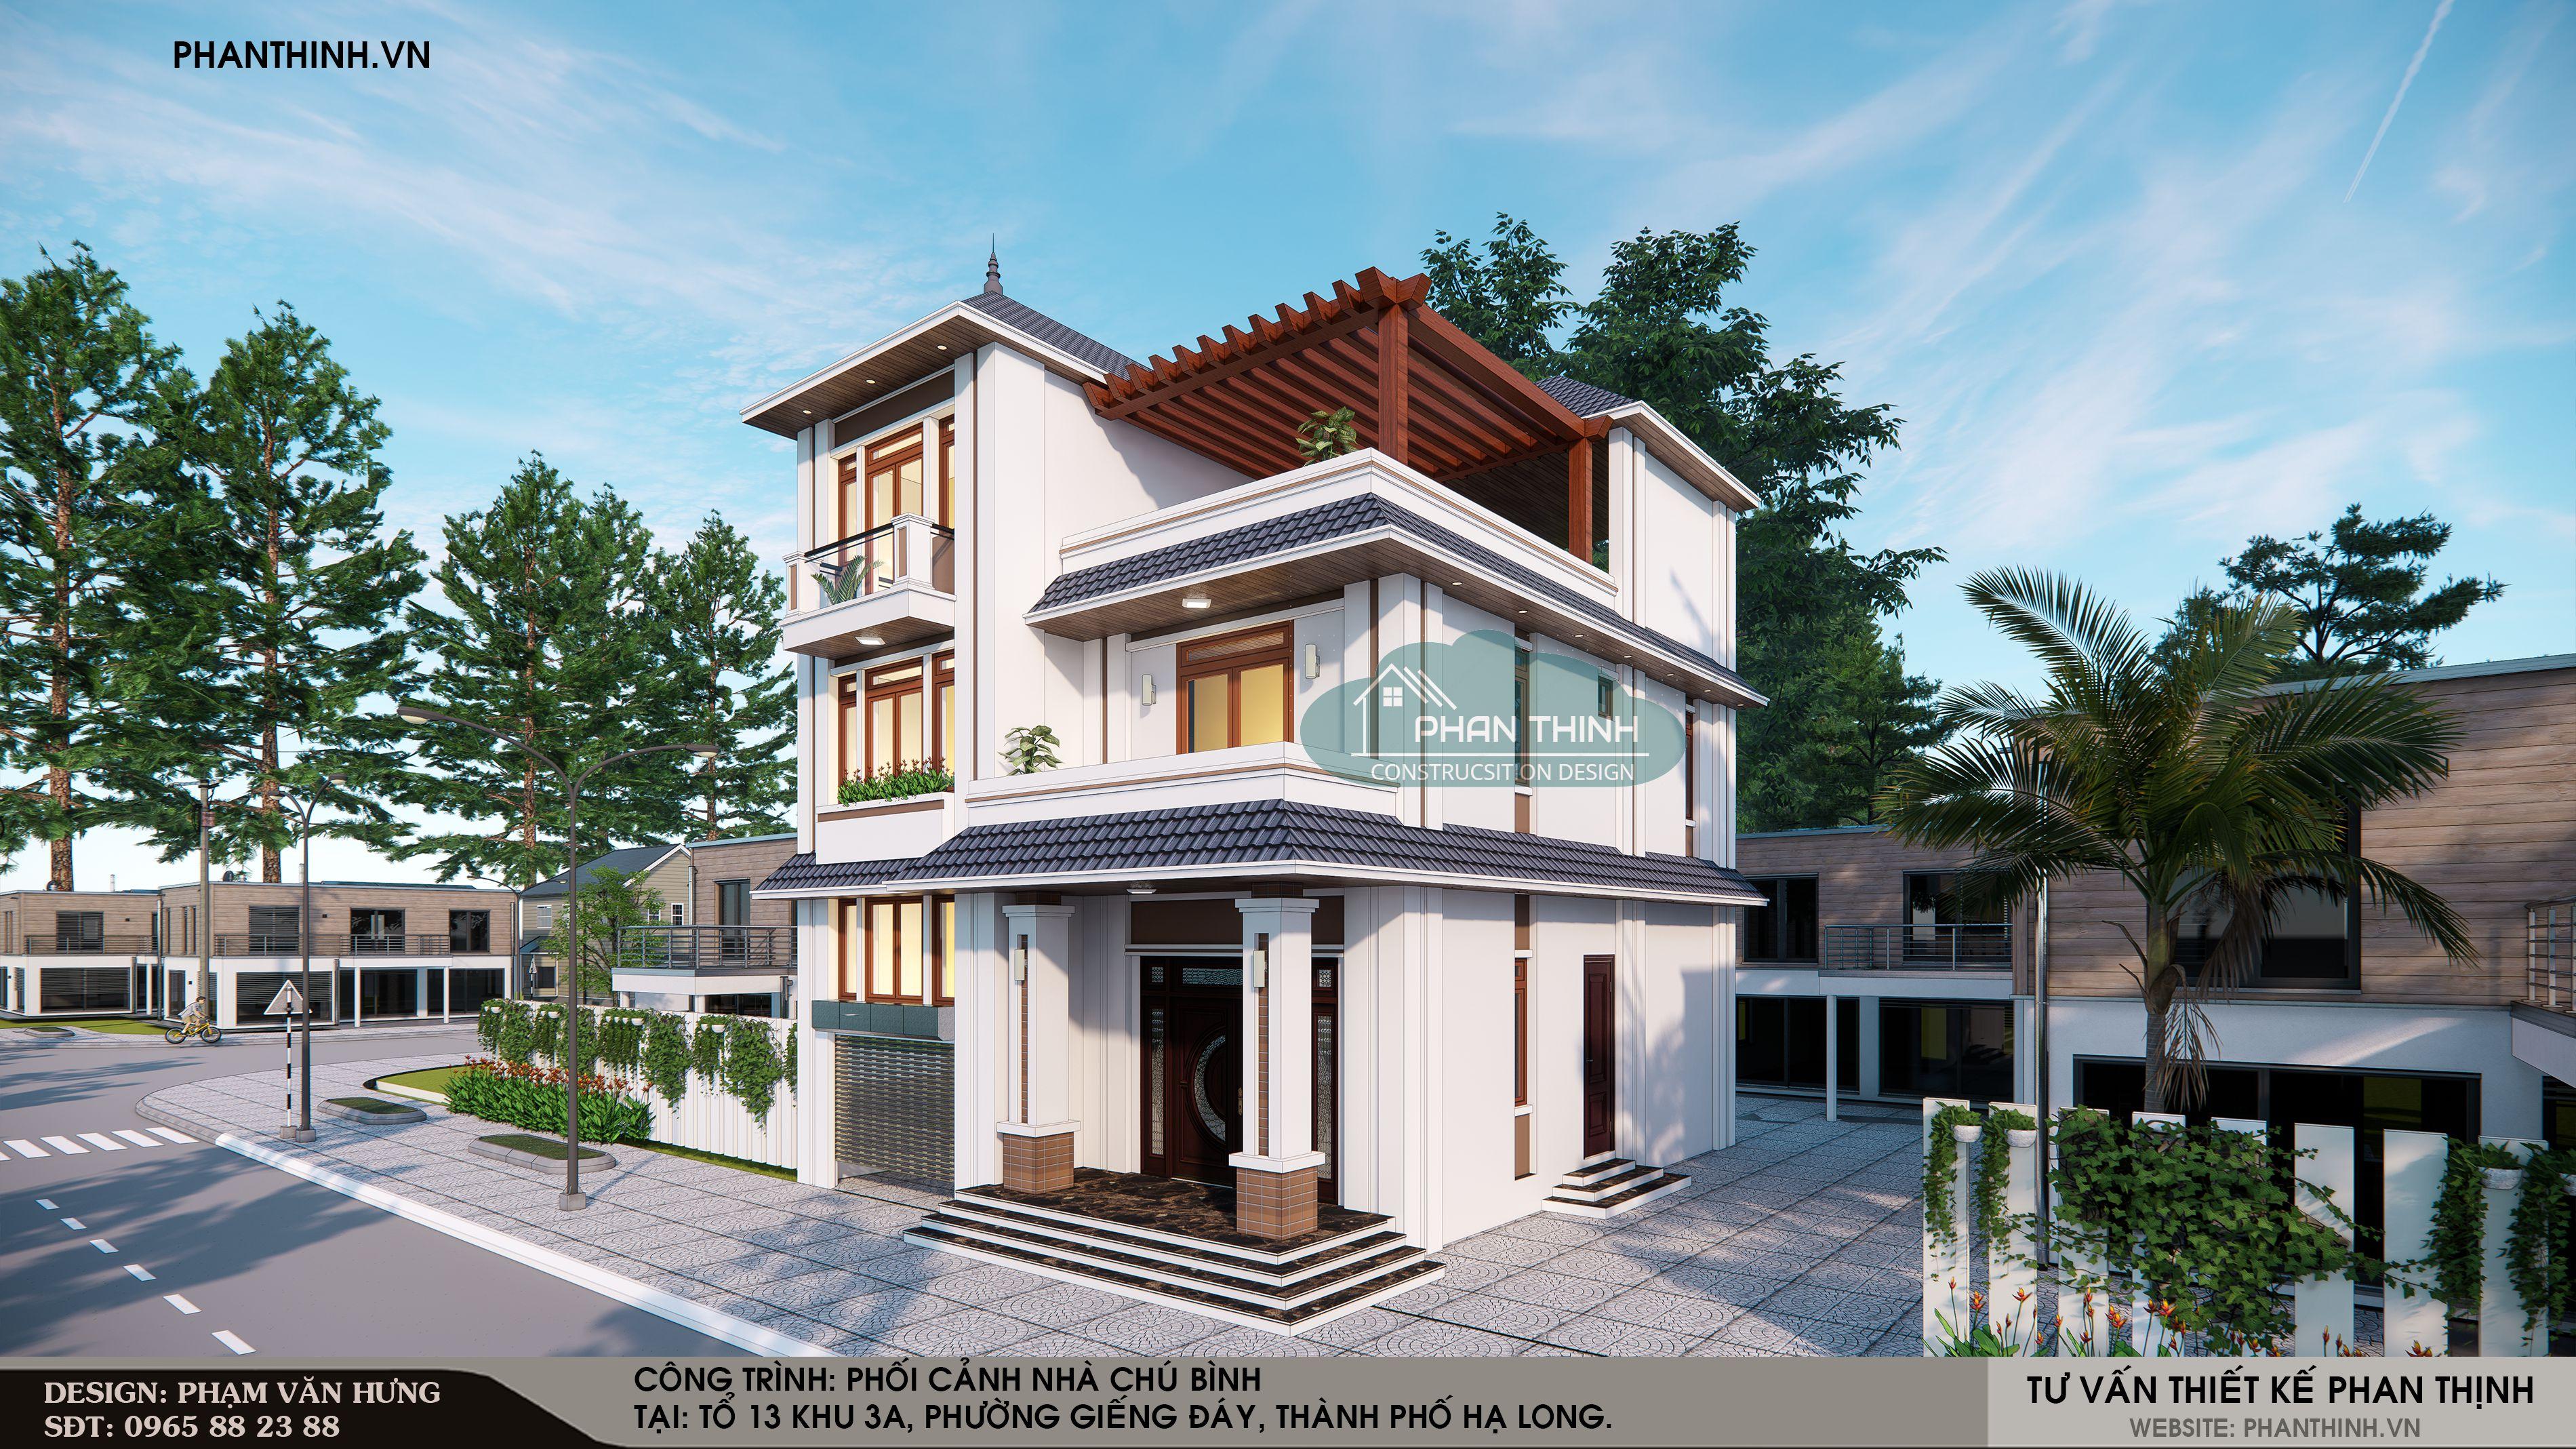 Mặt tiền nhà 3 tầng mái thái rộng 10 ở phường Giếng Đáy thành phố Hạ Long